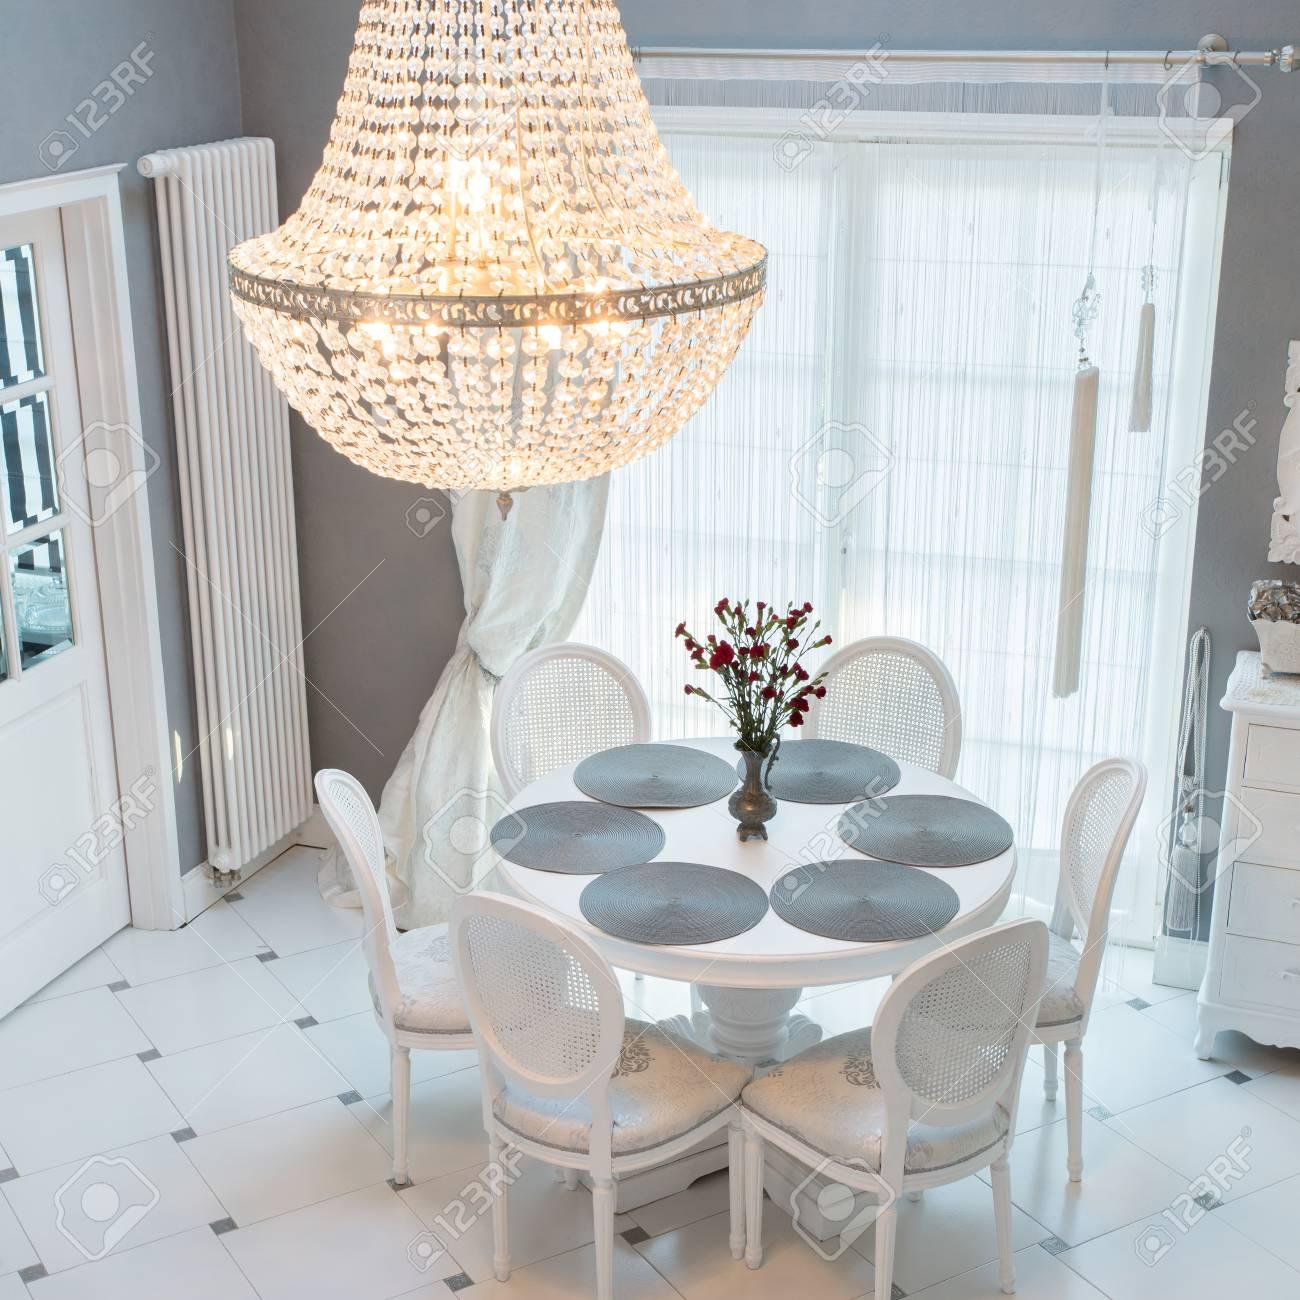 Lustre En Cristal Et Table Circulaire Dans La Salle A Manger Banque D Images Et Photos Libres De Droits Image 61115062